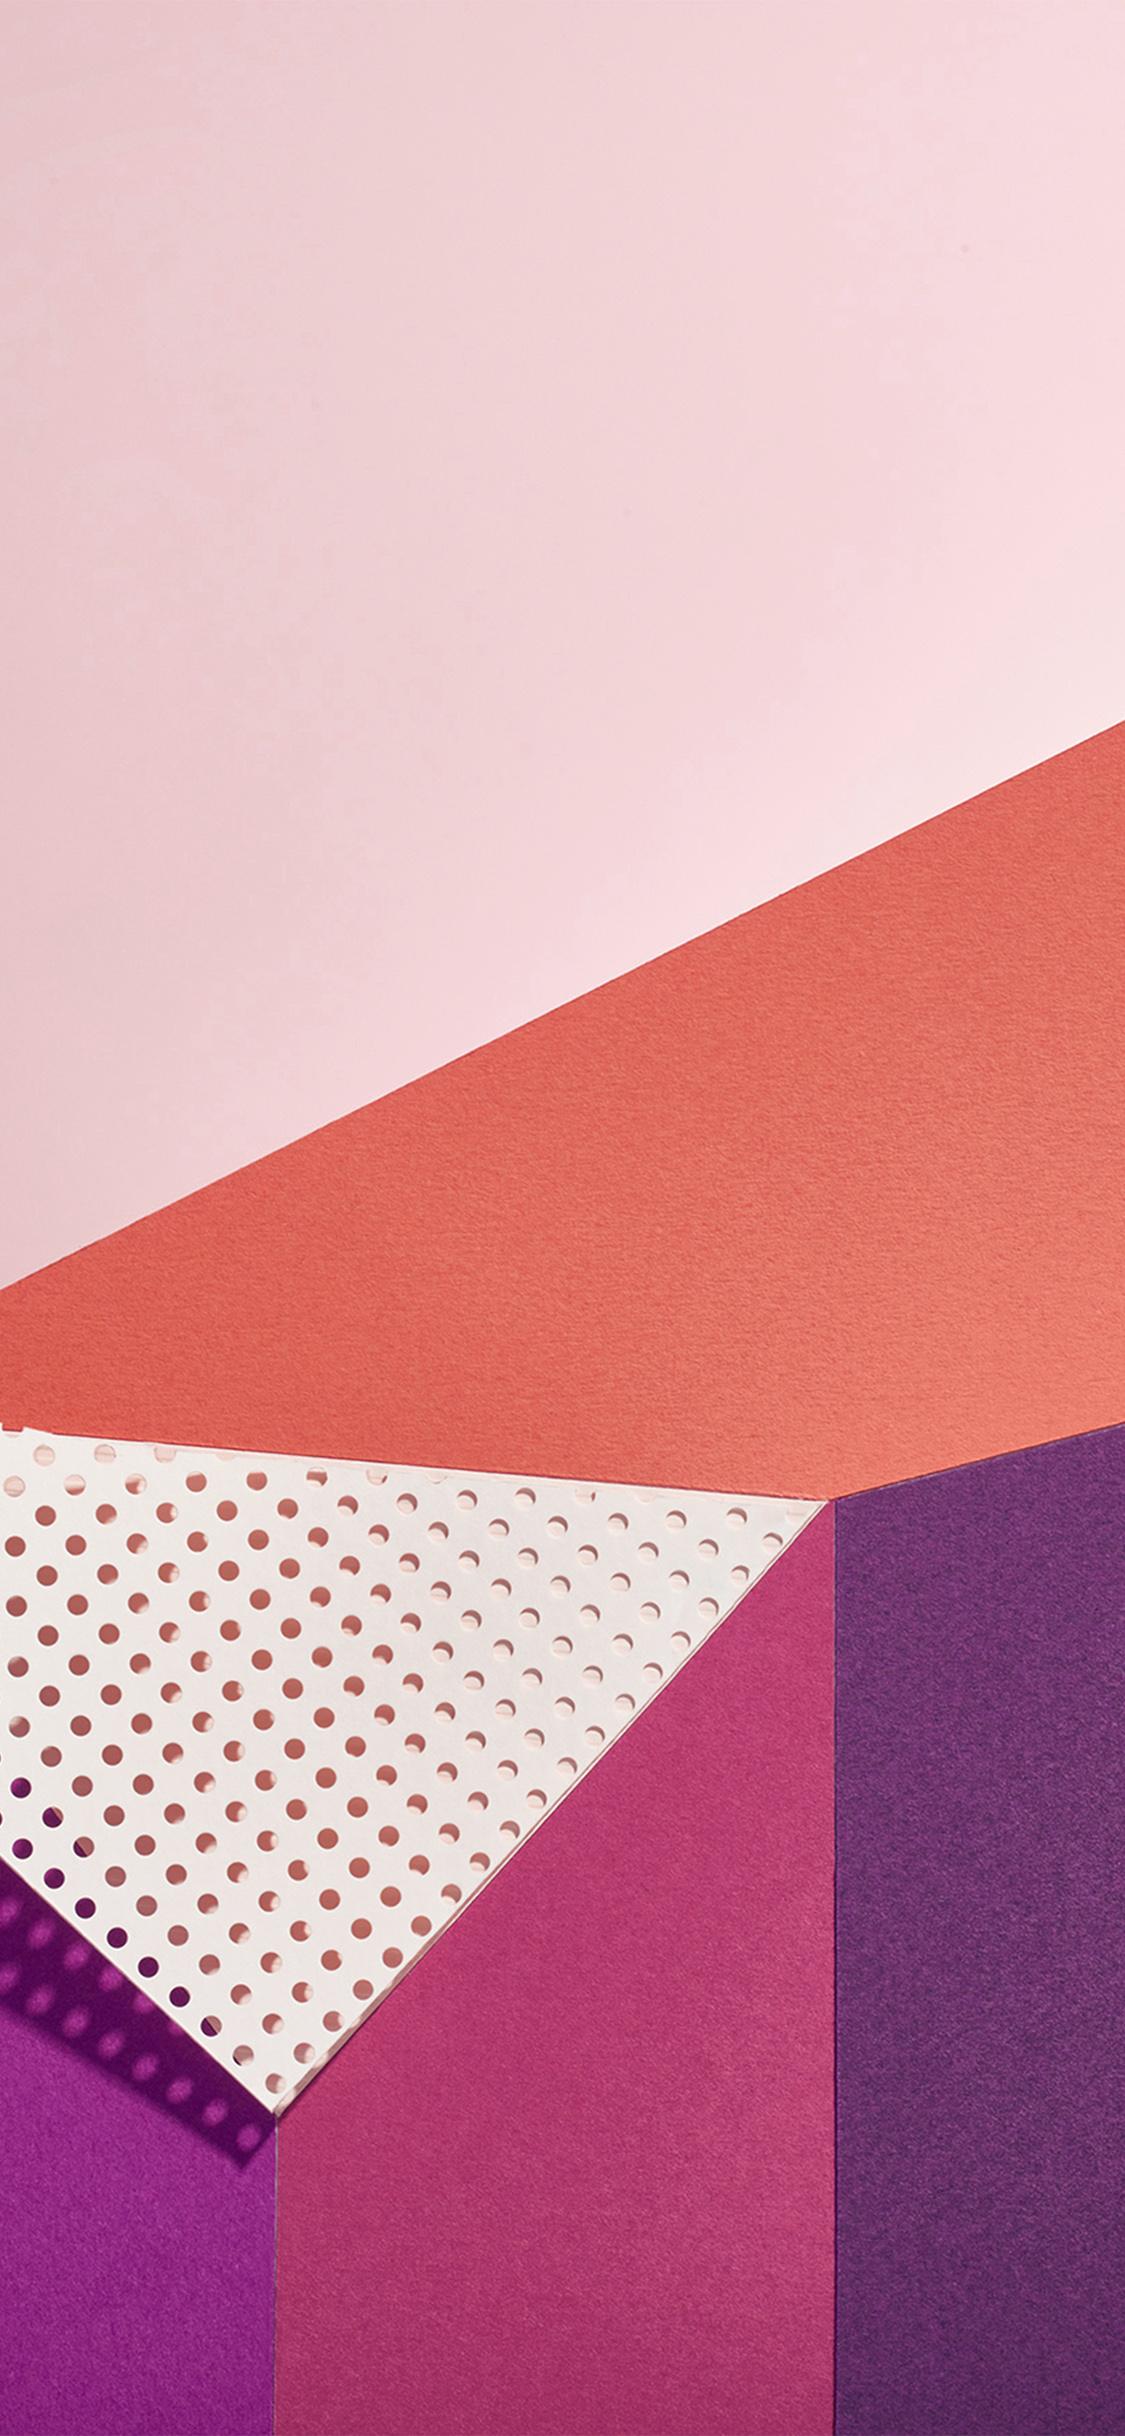 iPhonexpapers.com-Apple-iPhone-wallpaper-az22-paper-clip-illustration-art-red